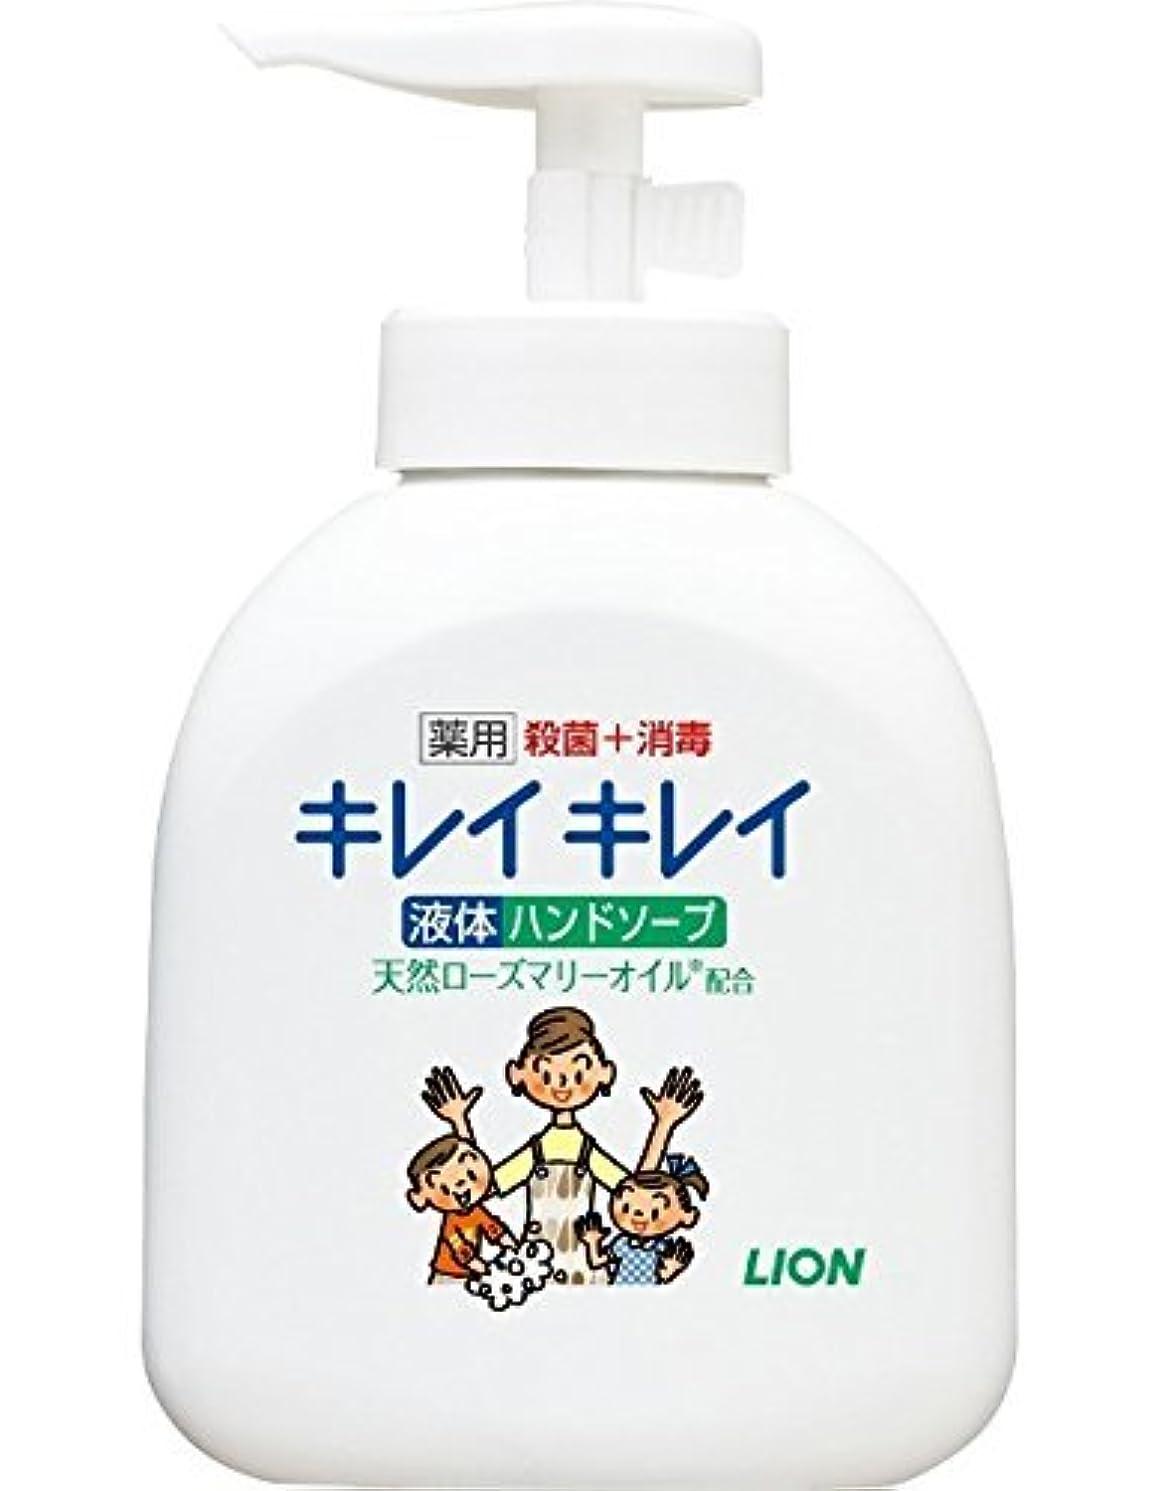 半円年強制【ライオン】キレイキレイ薬用液体ハンドソープ 本体ポンプ 250ml ×20個セット